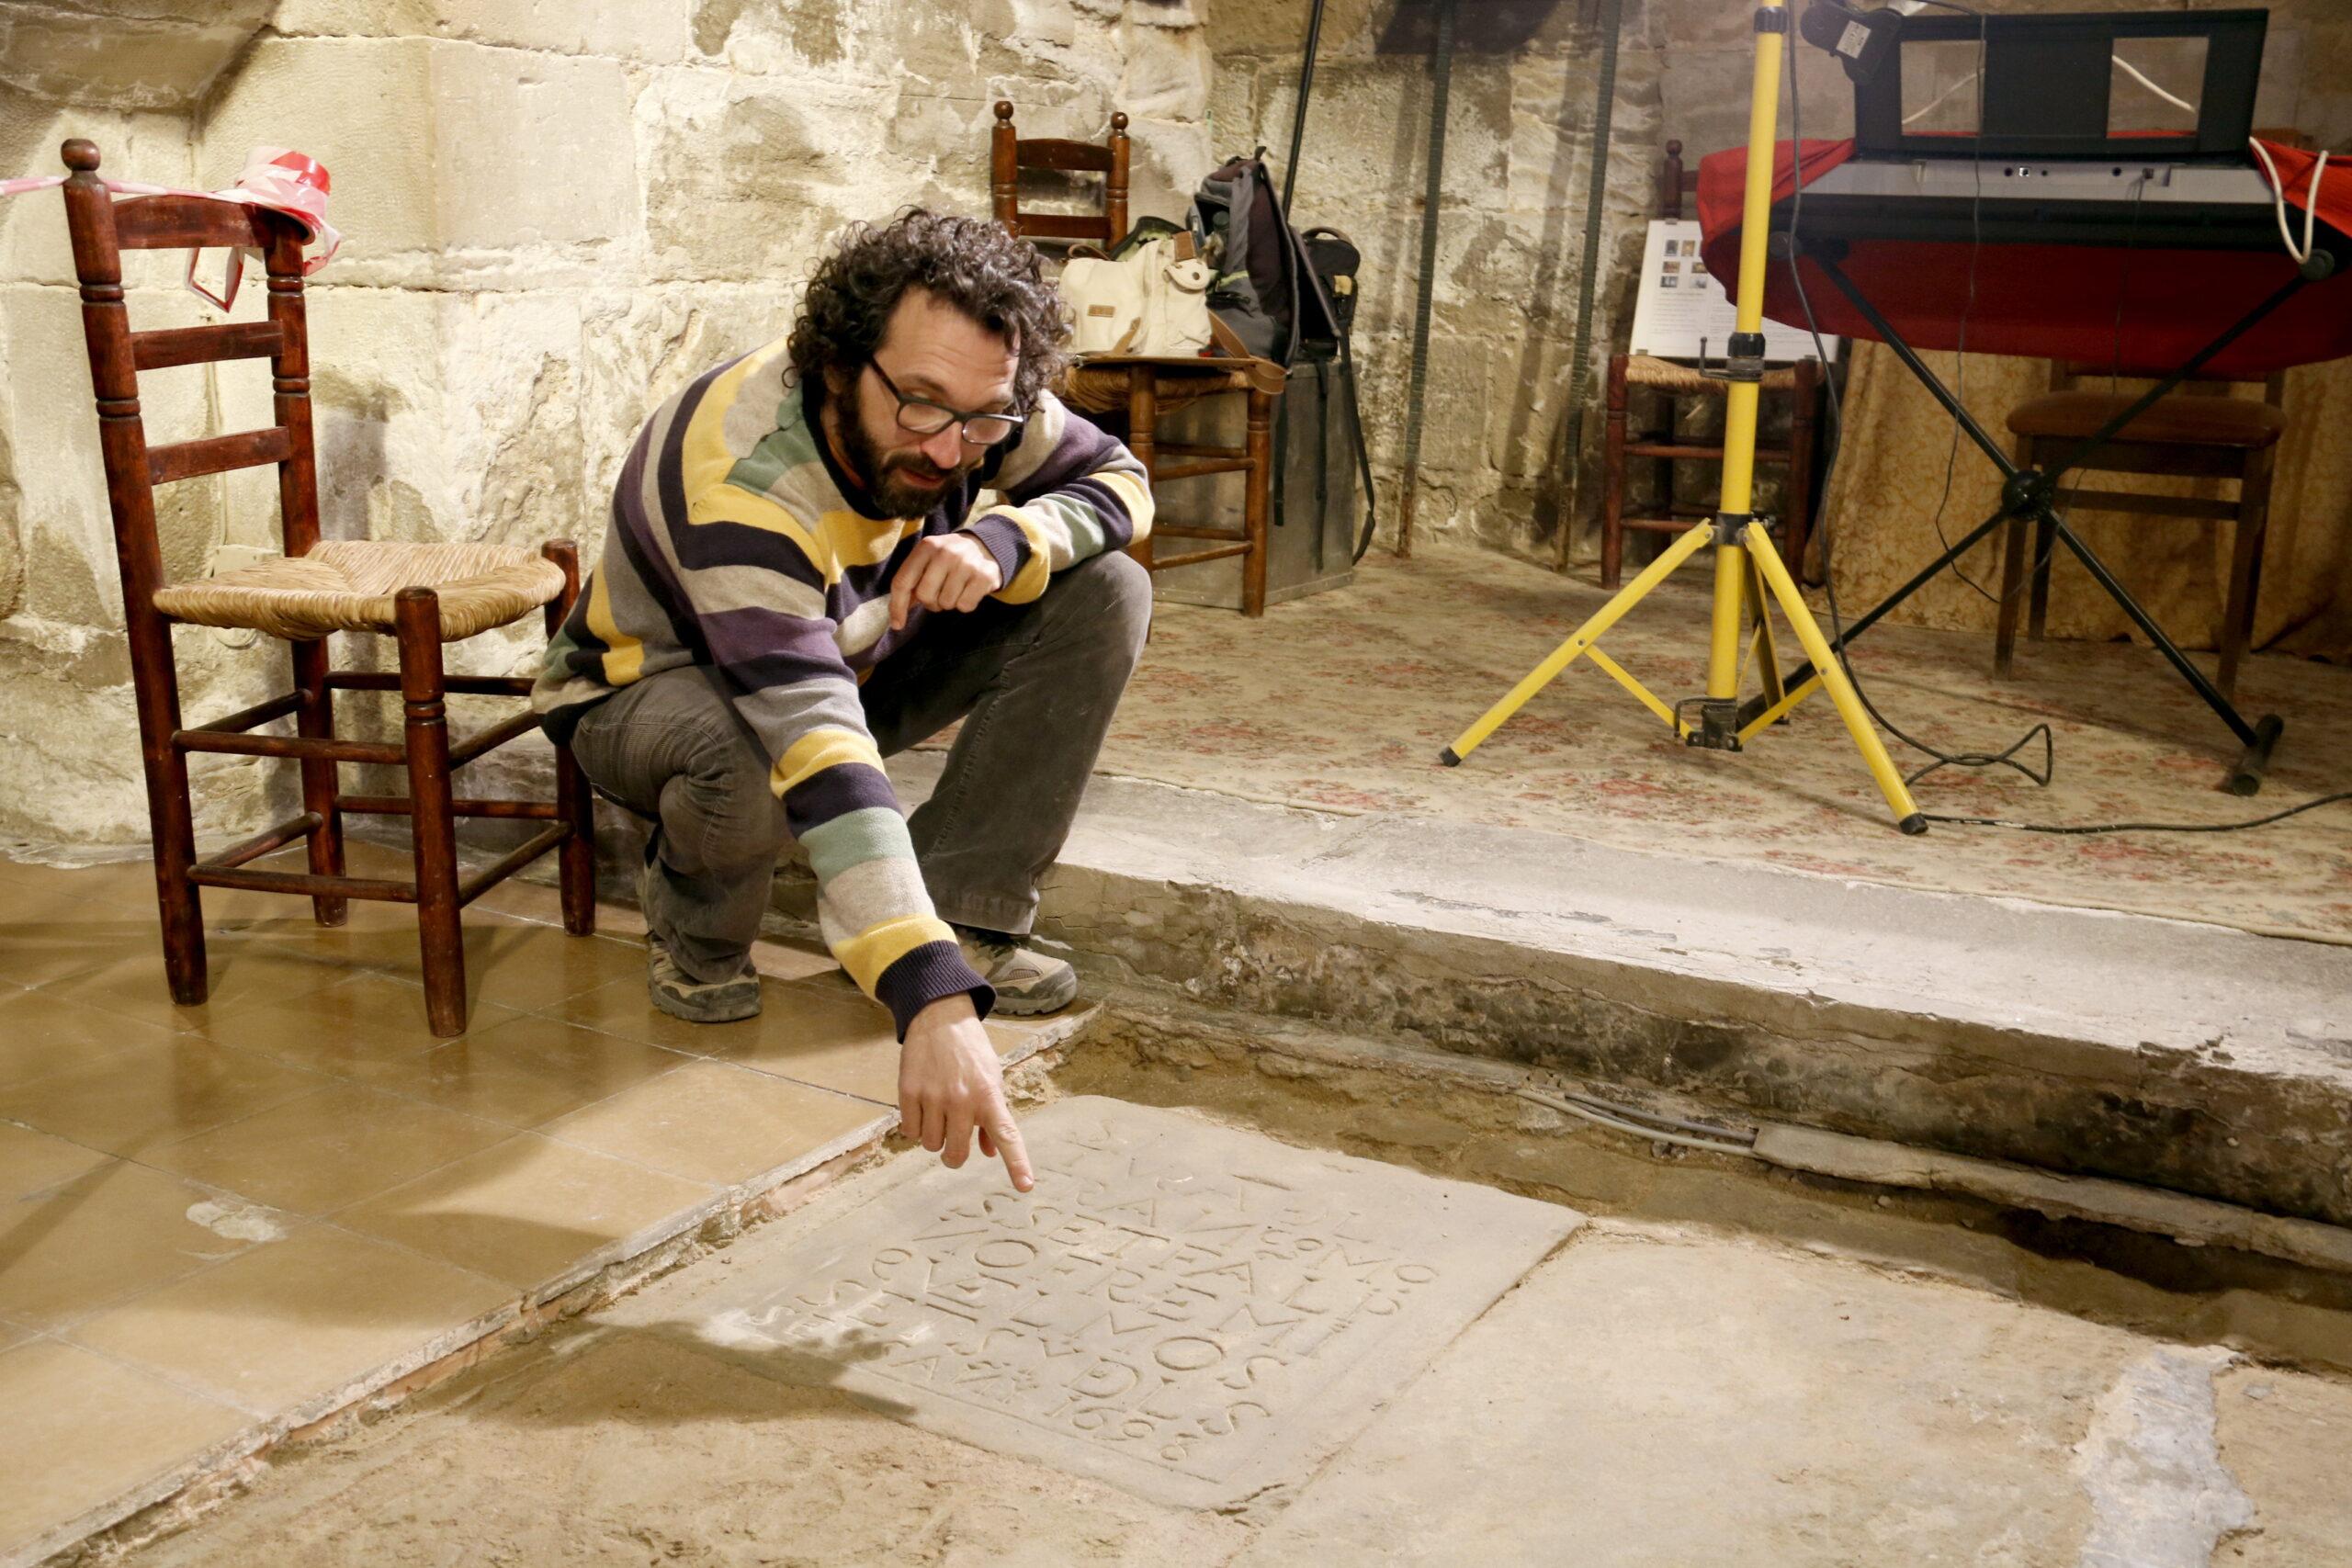 L'arqueòleg  d'ILTIRTA Arqueologia, Andreu Moya, assenyala la data que marca la làpida trobada a l'església de Santa Maria de Linyola. Imatge del 19 de març de 2019. (Horitzontal)